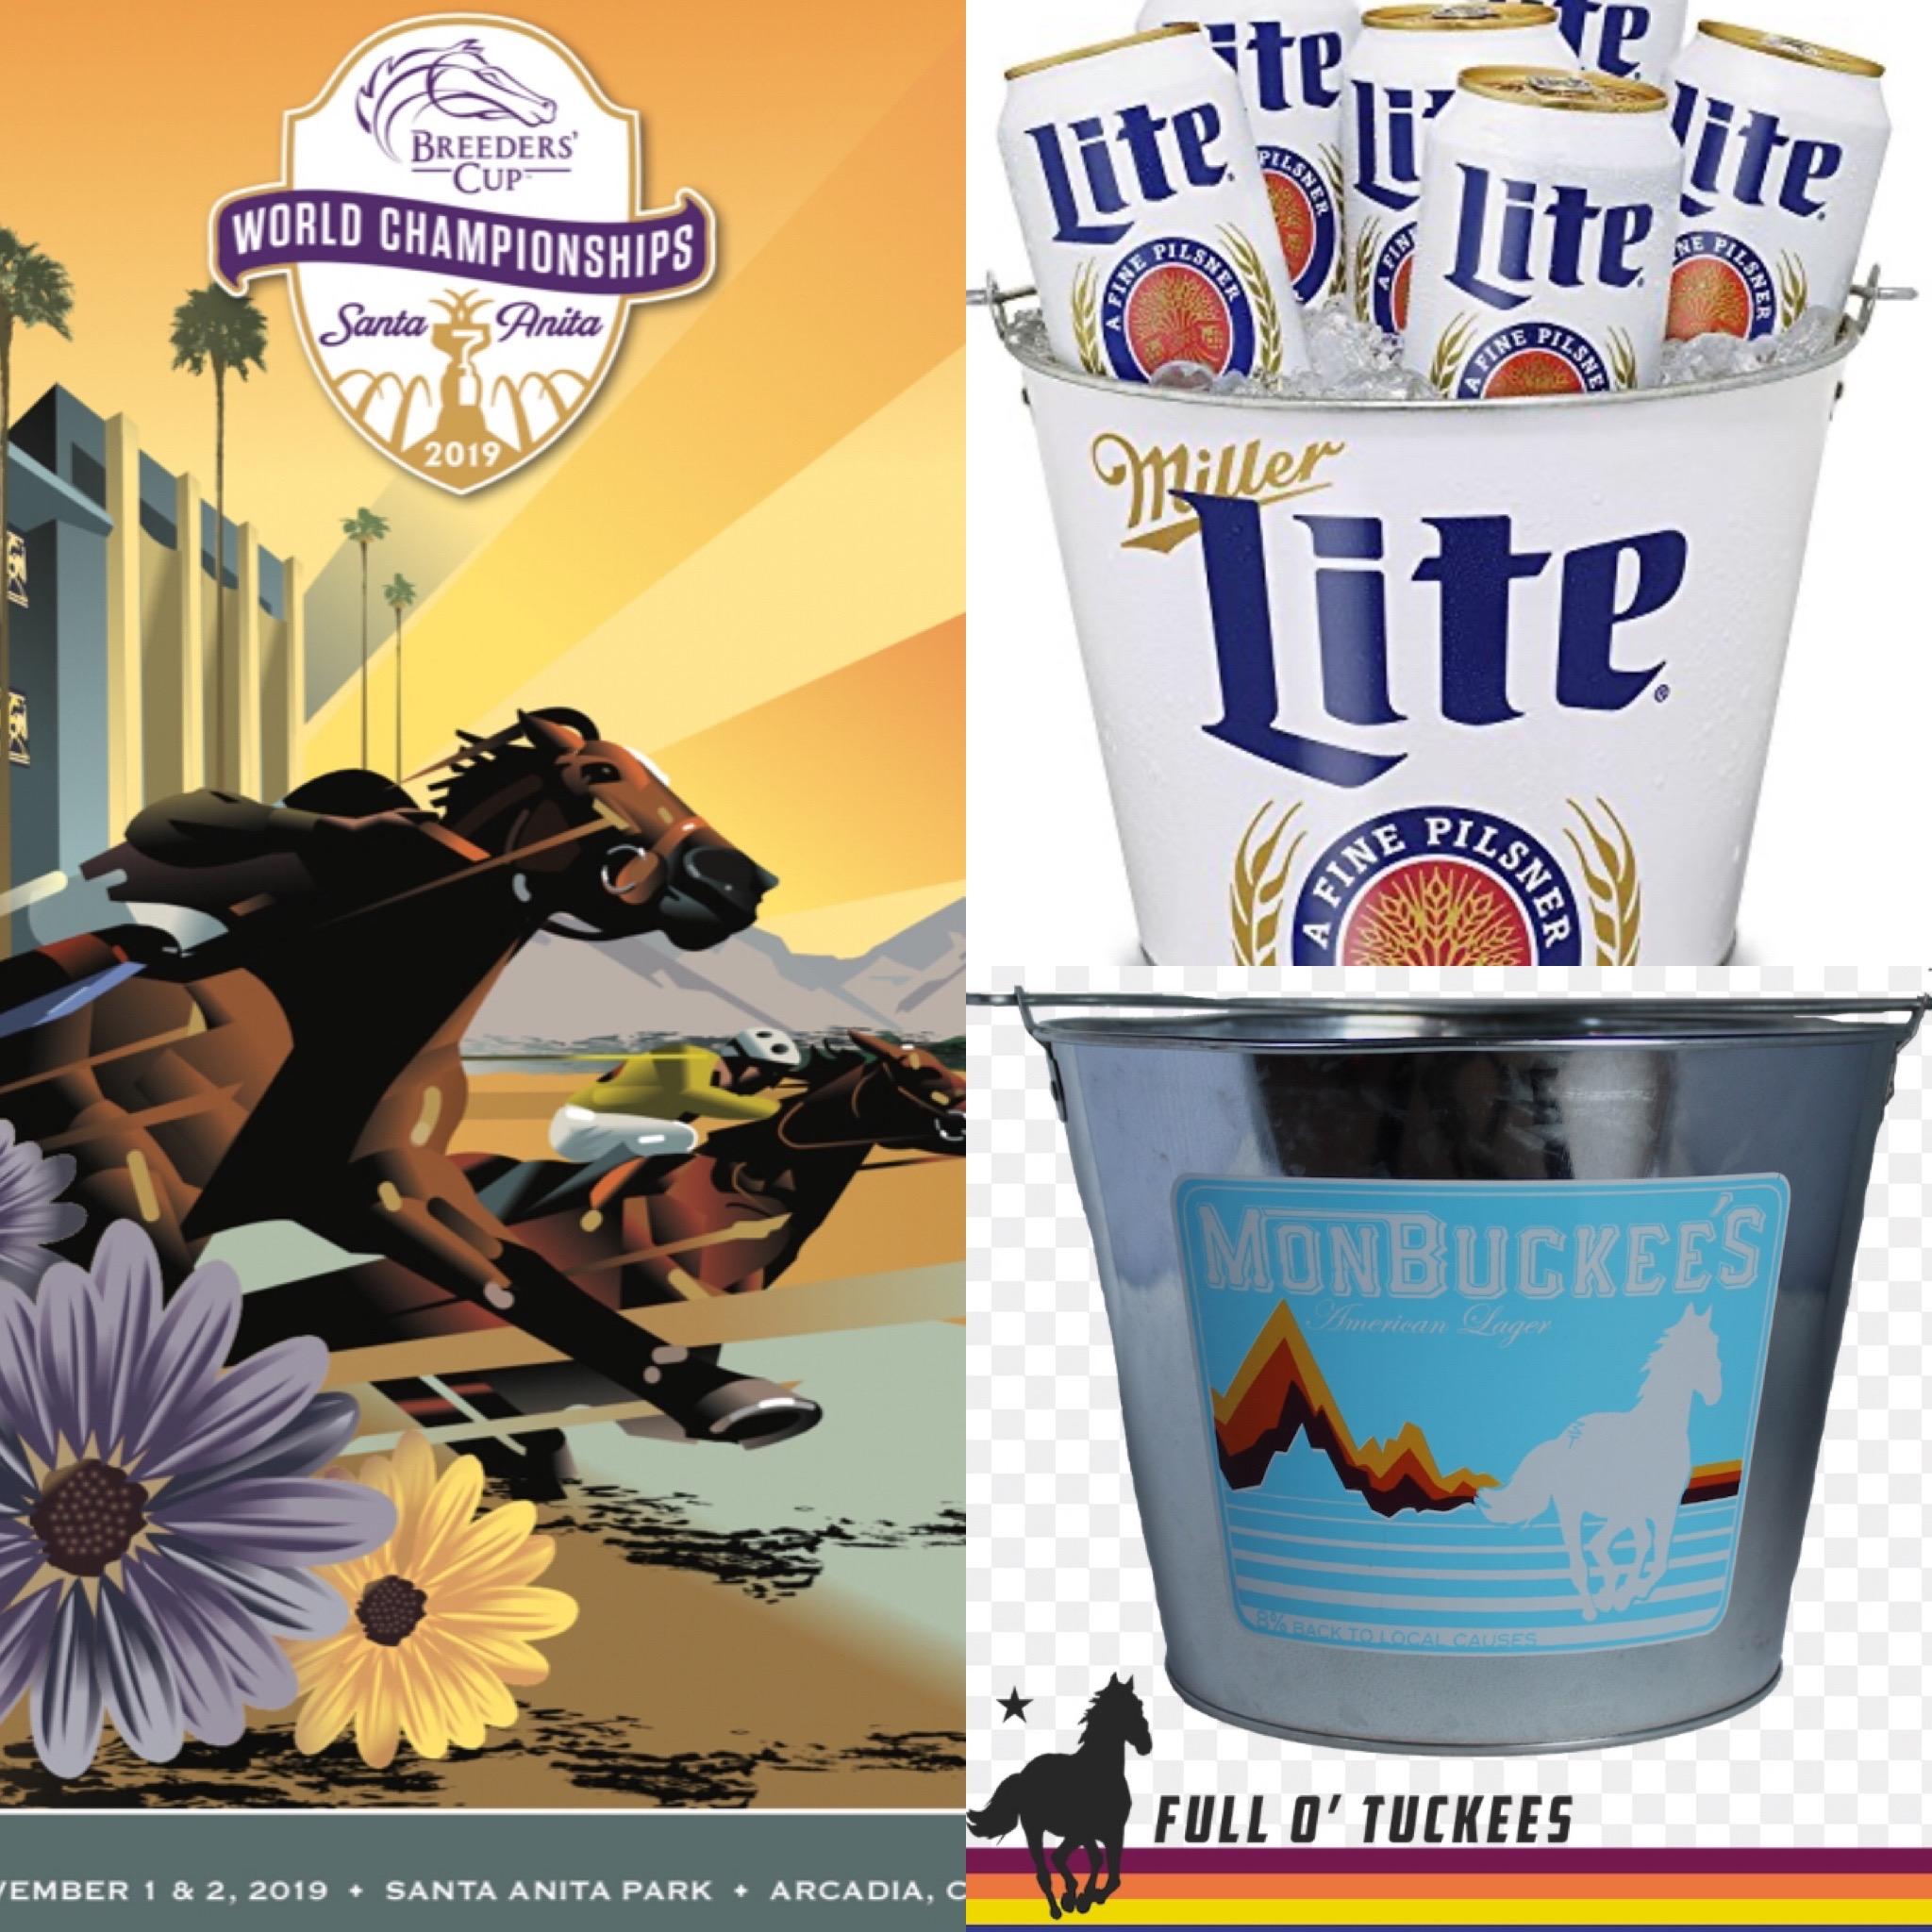 Breeders cup horse race bucket of beers